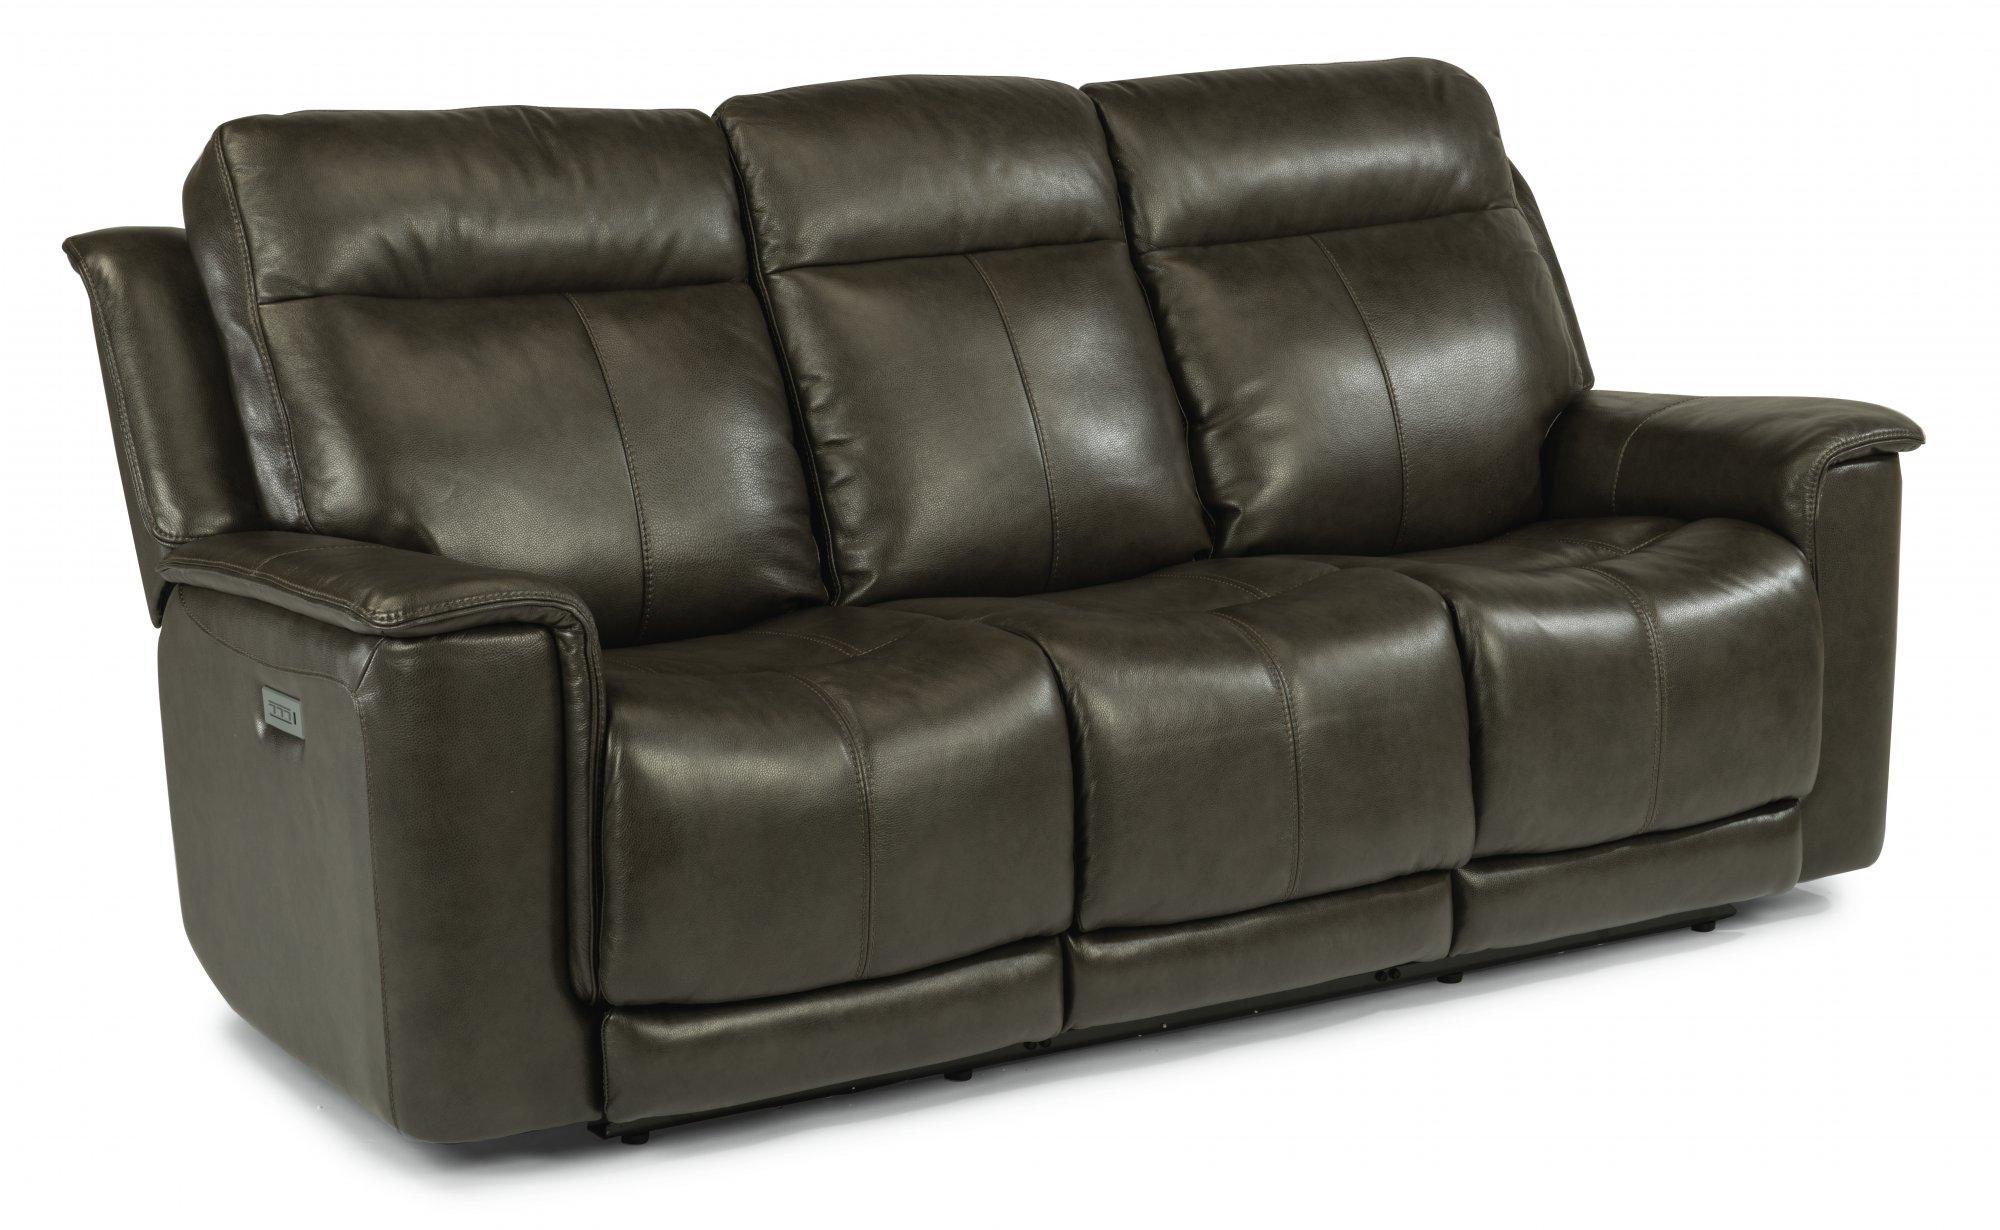 FlexsteelMiller Power Reclining Sofa With Power Headrests & Lumbar